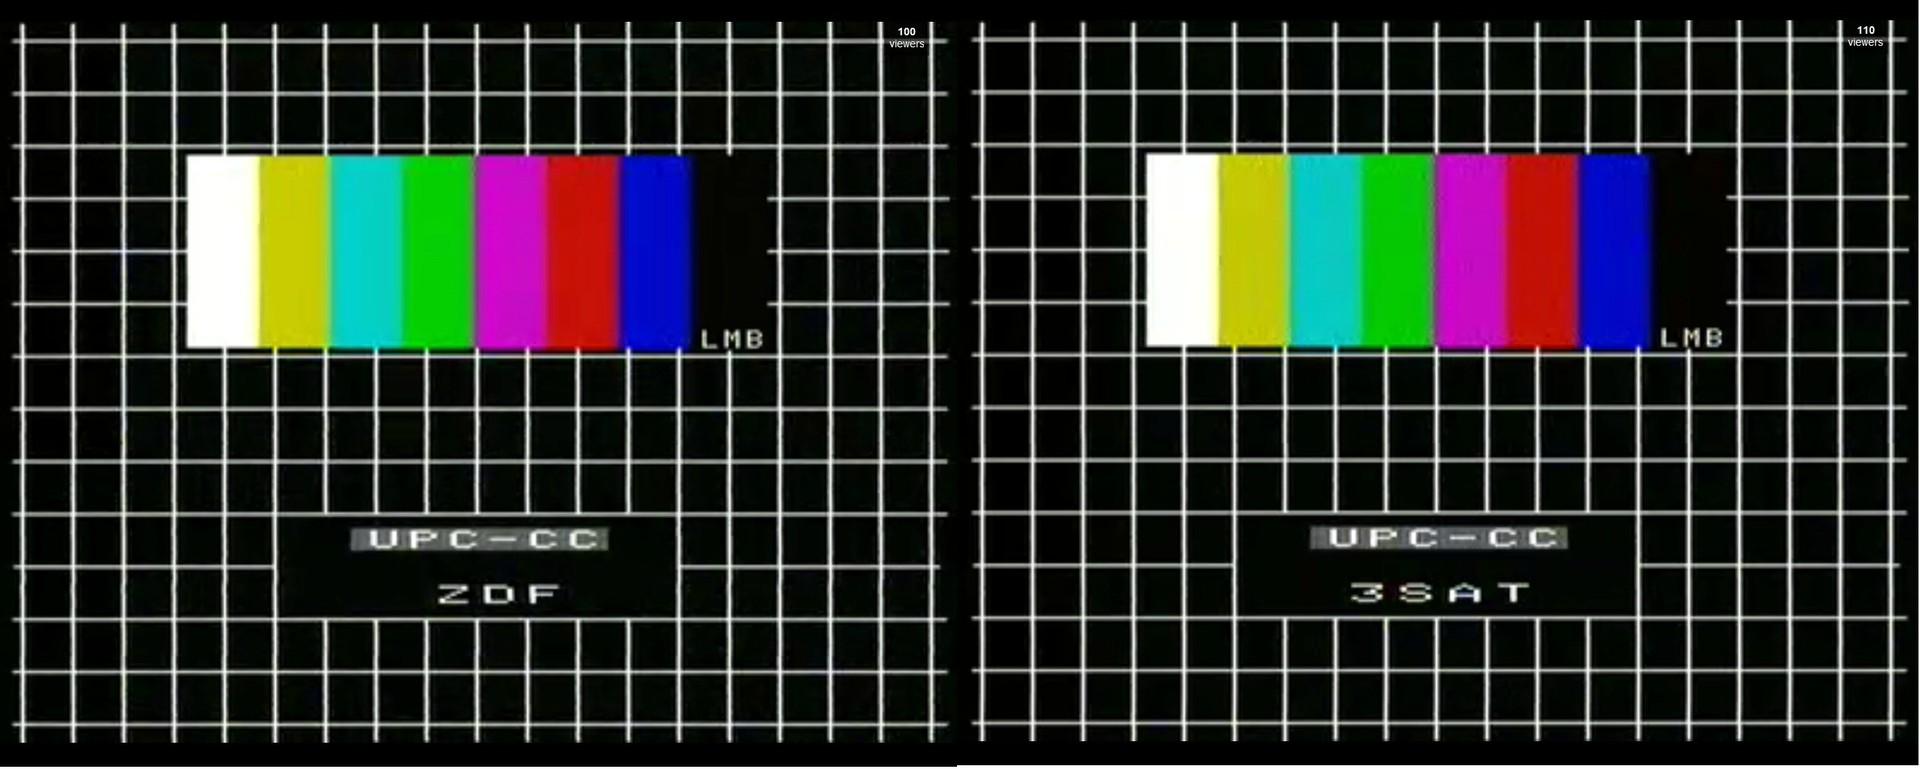 Отключение аналогового спутникового ТВ: 4 года спустя (часть 2) - 9